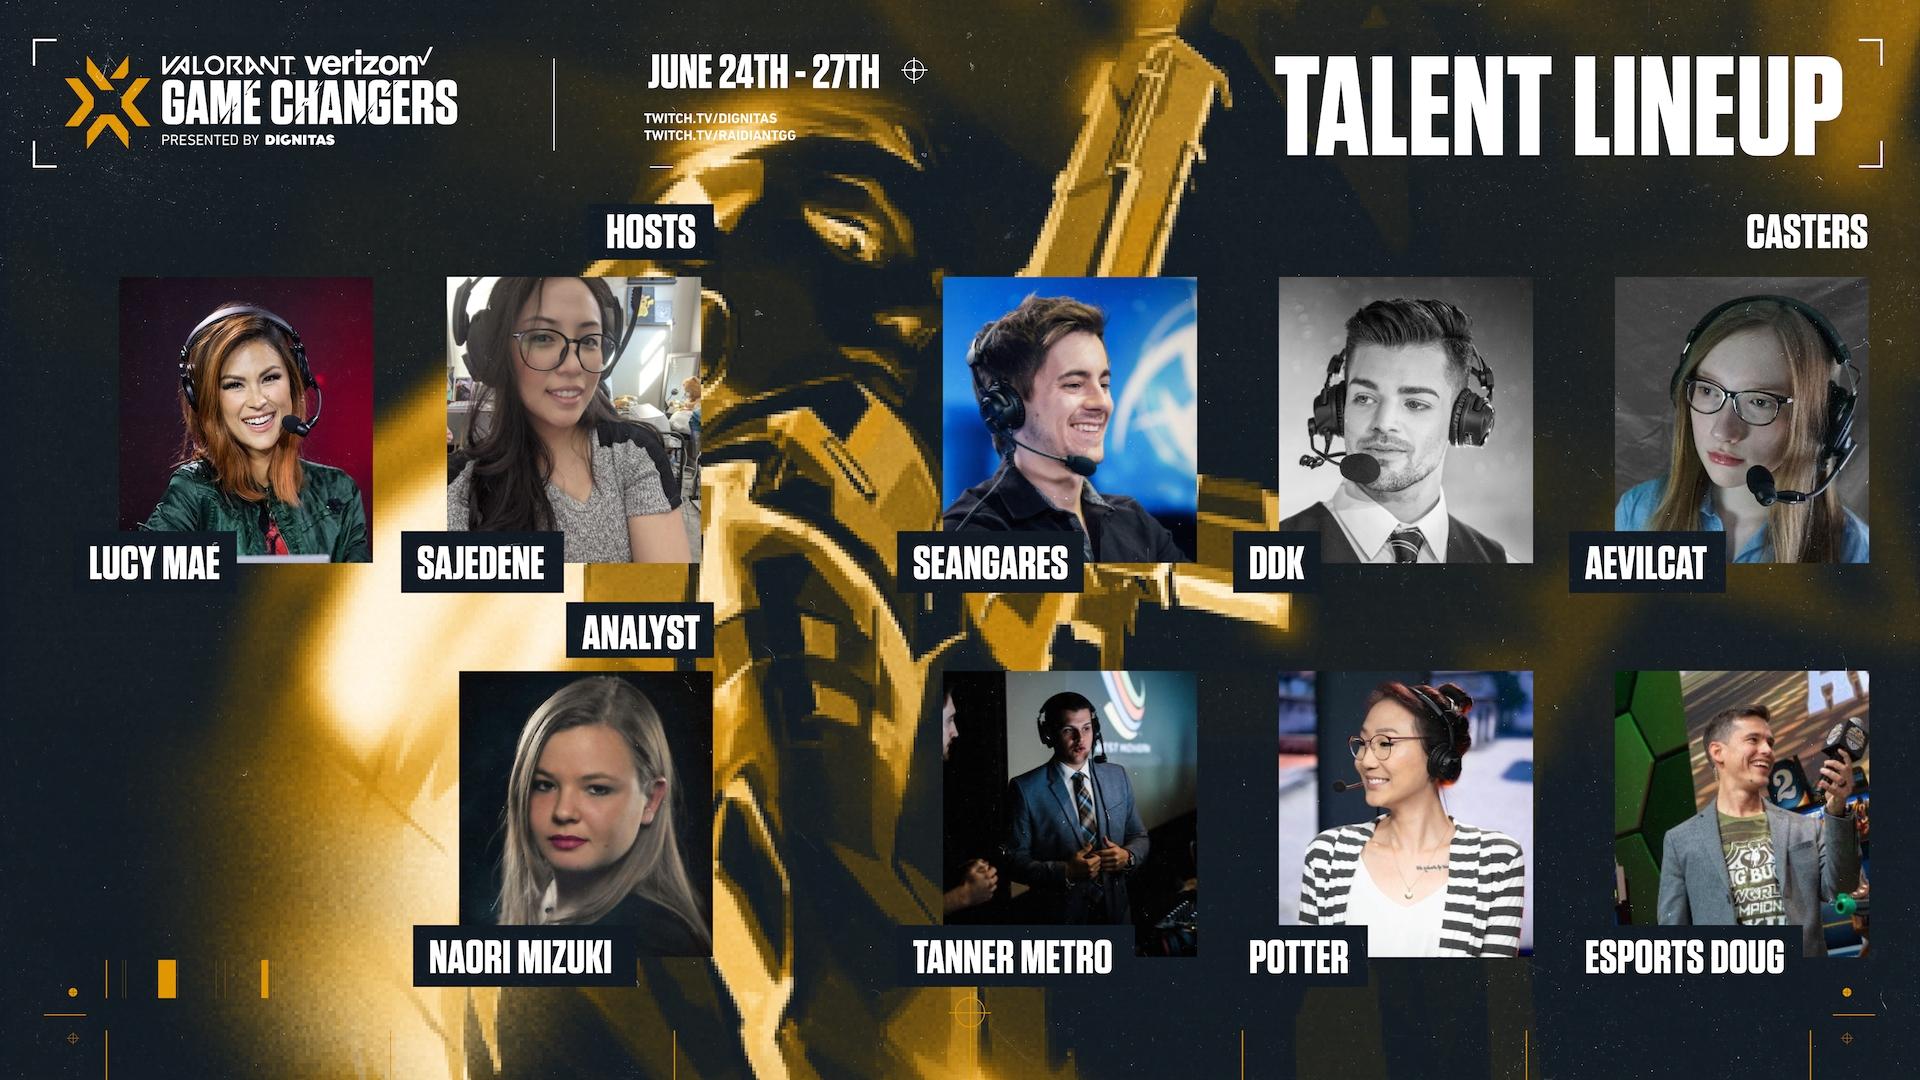 VerizonVCTGC-Talent.jpg